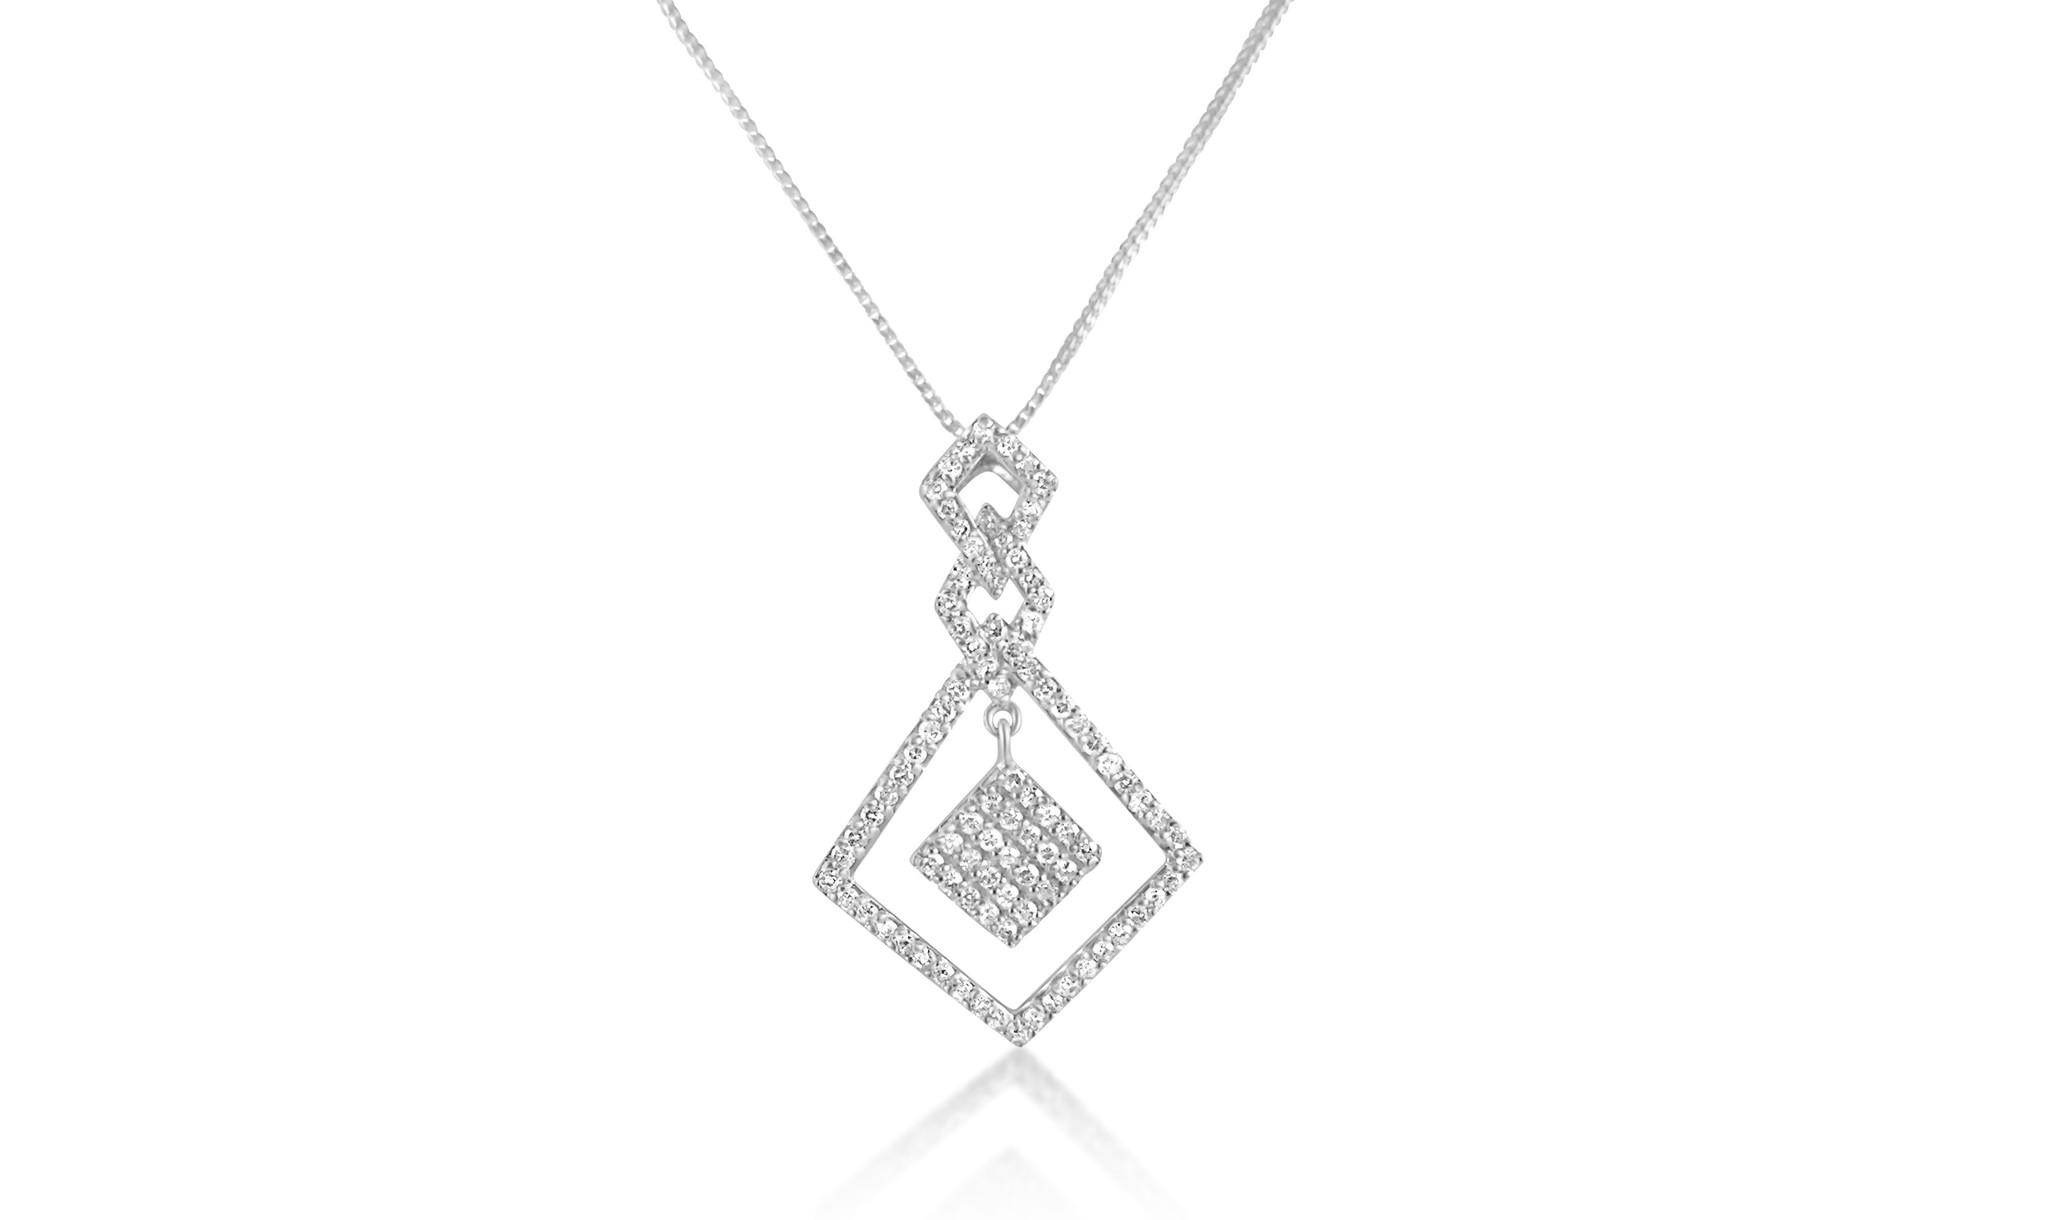 18 karaat wit goud hanger met 0.65 ct diamanten